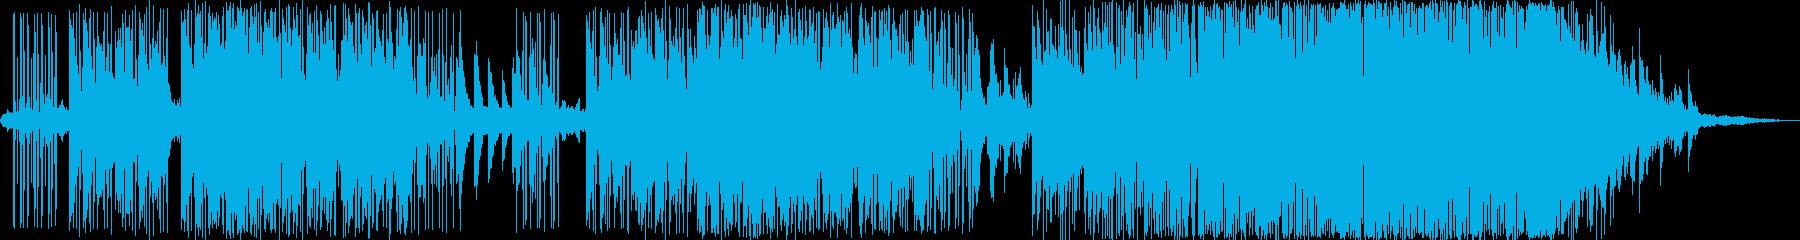 動画 サスペンス 静か ハイテク ...の再生済みの波形